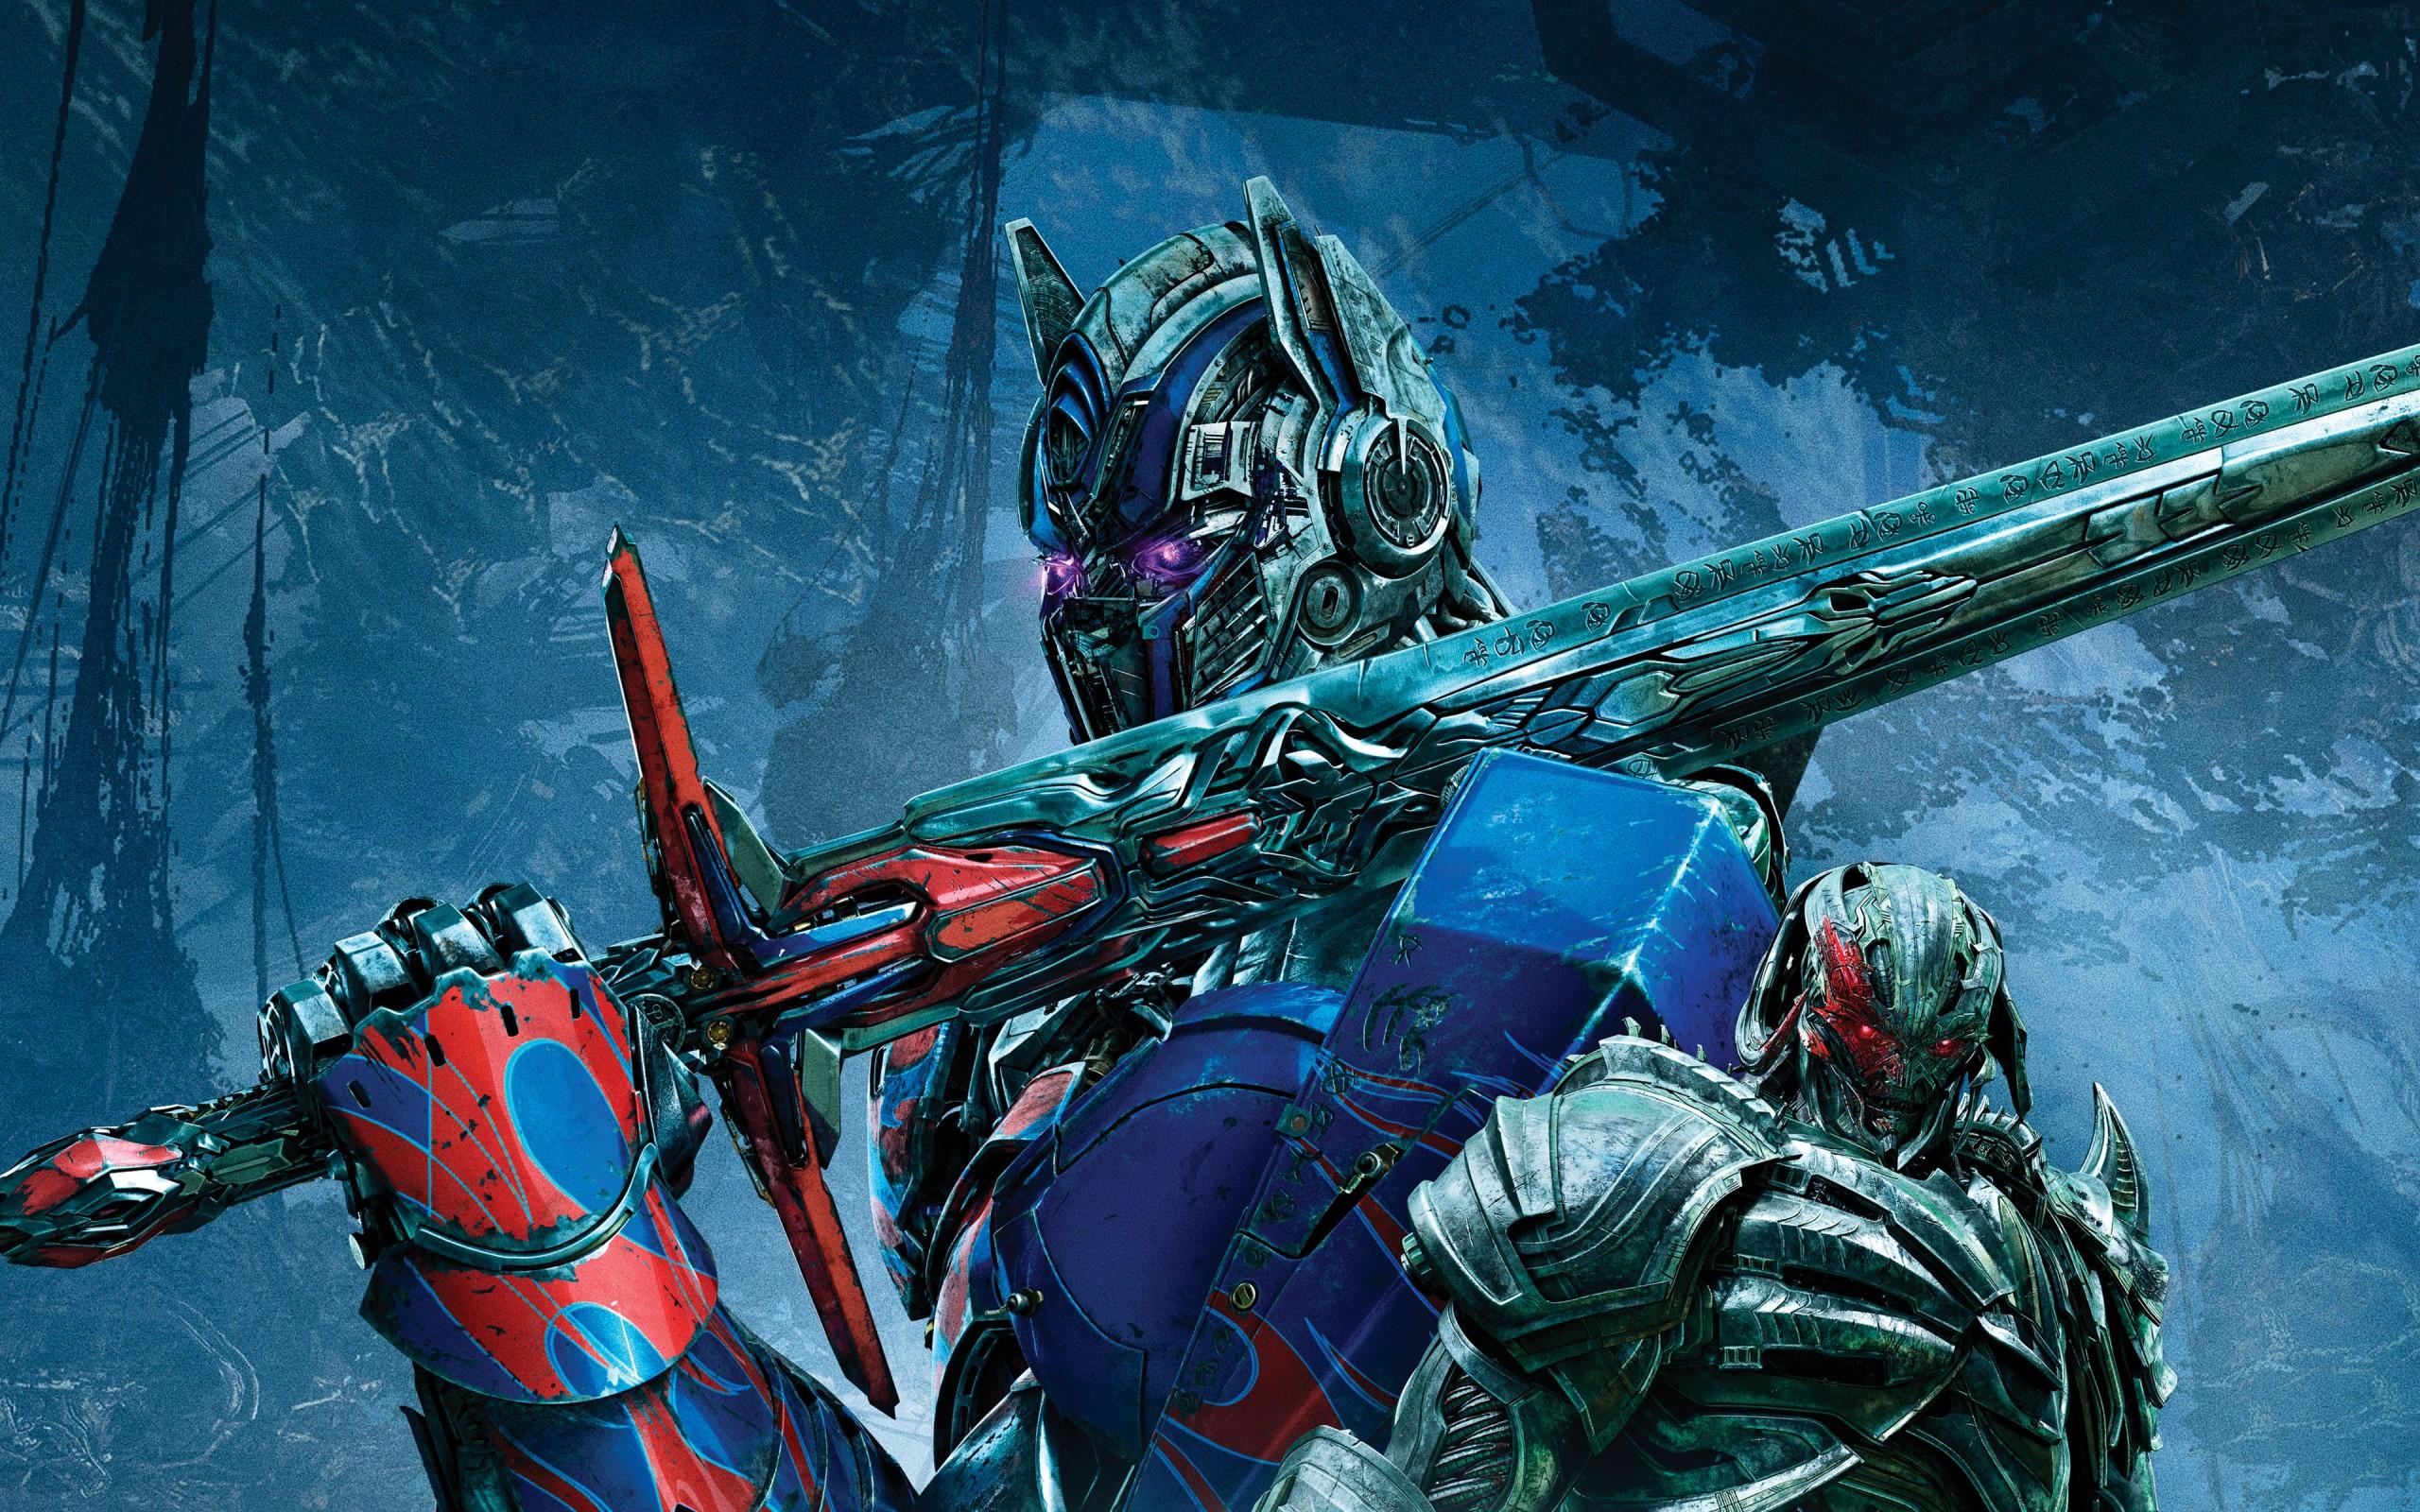 Optimus Prime The Last Knight Hd Wallpaper Transformers The Last Knight Optimus Prime 5k Wallpapers